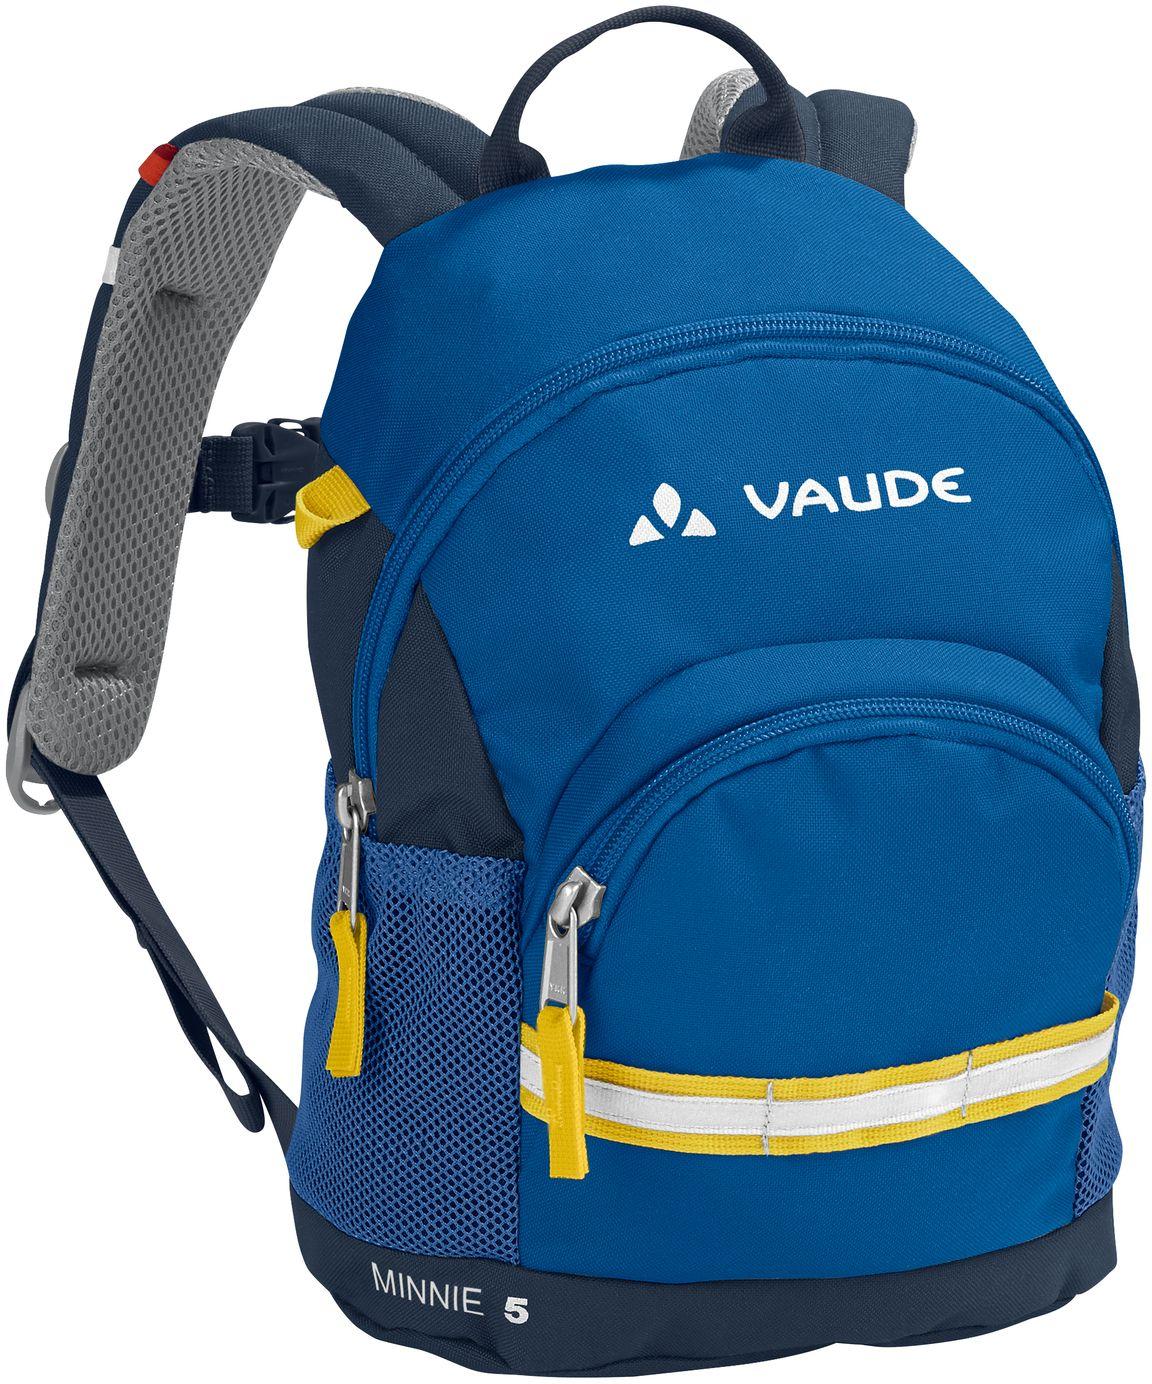 Vaude Minnie 5 - blue uni